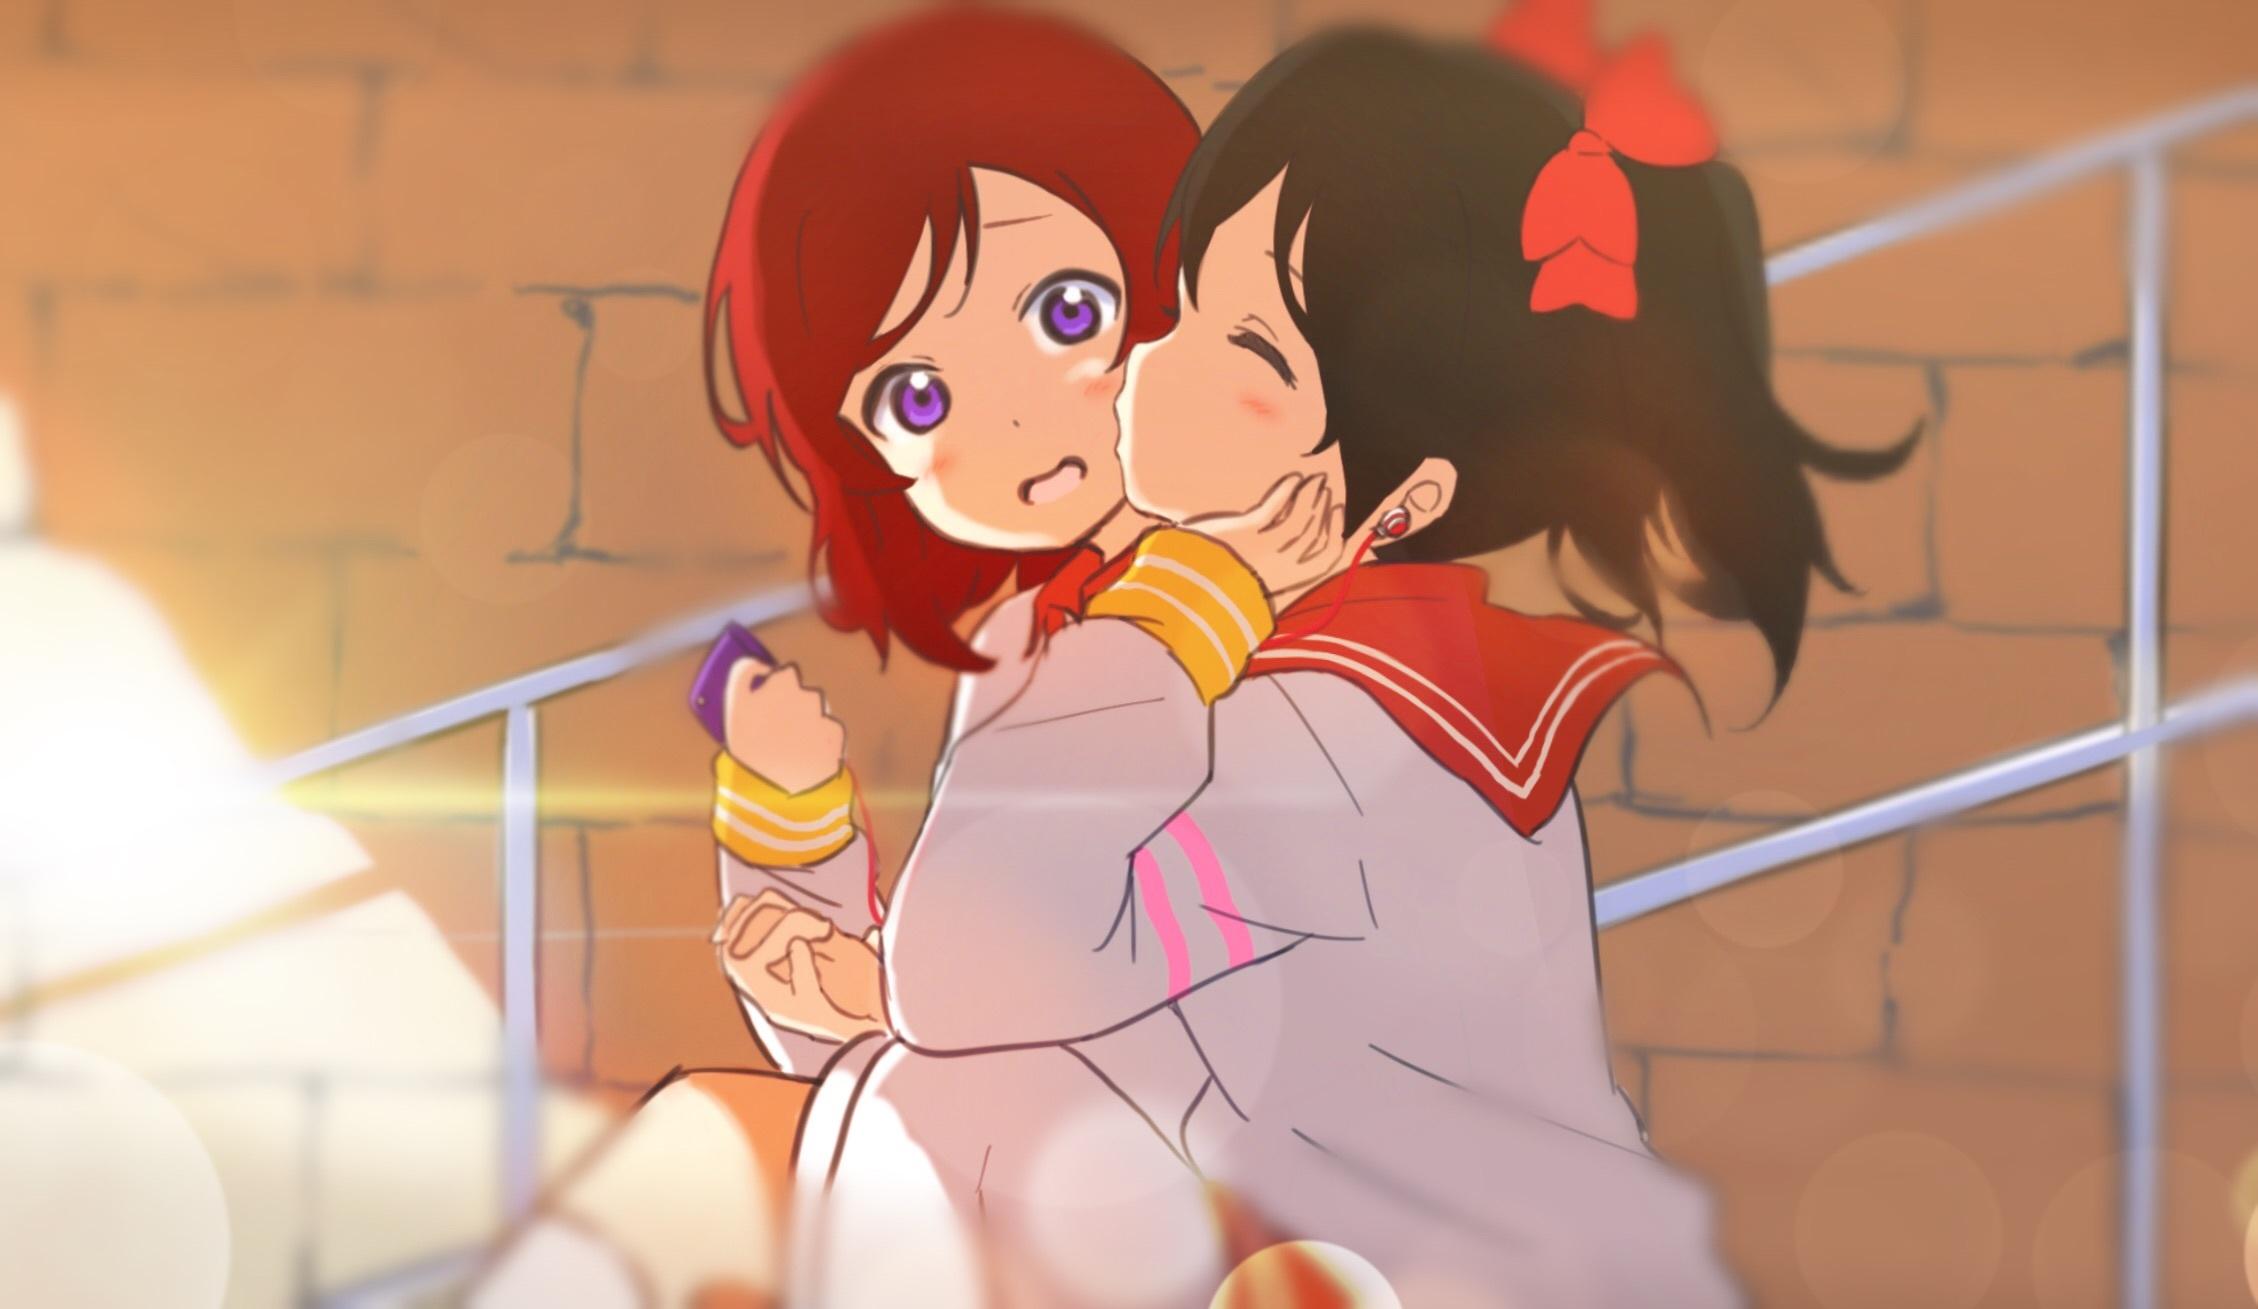 ラブライブ! 西木野真姫 矢澤にこ / LoveLive! Nishikino Maki Yazawa Nico #5272